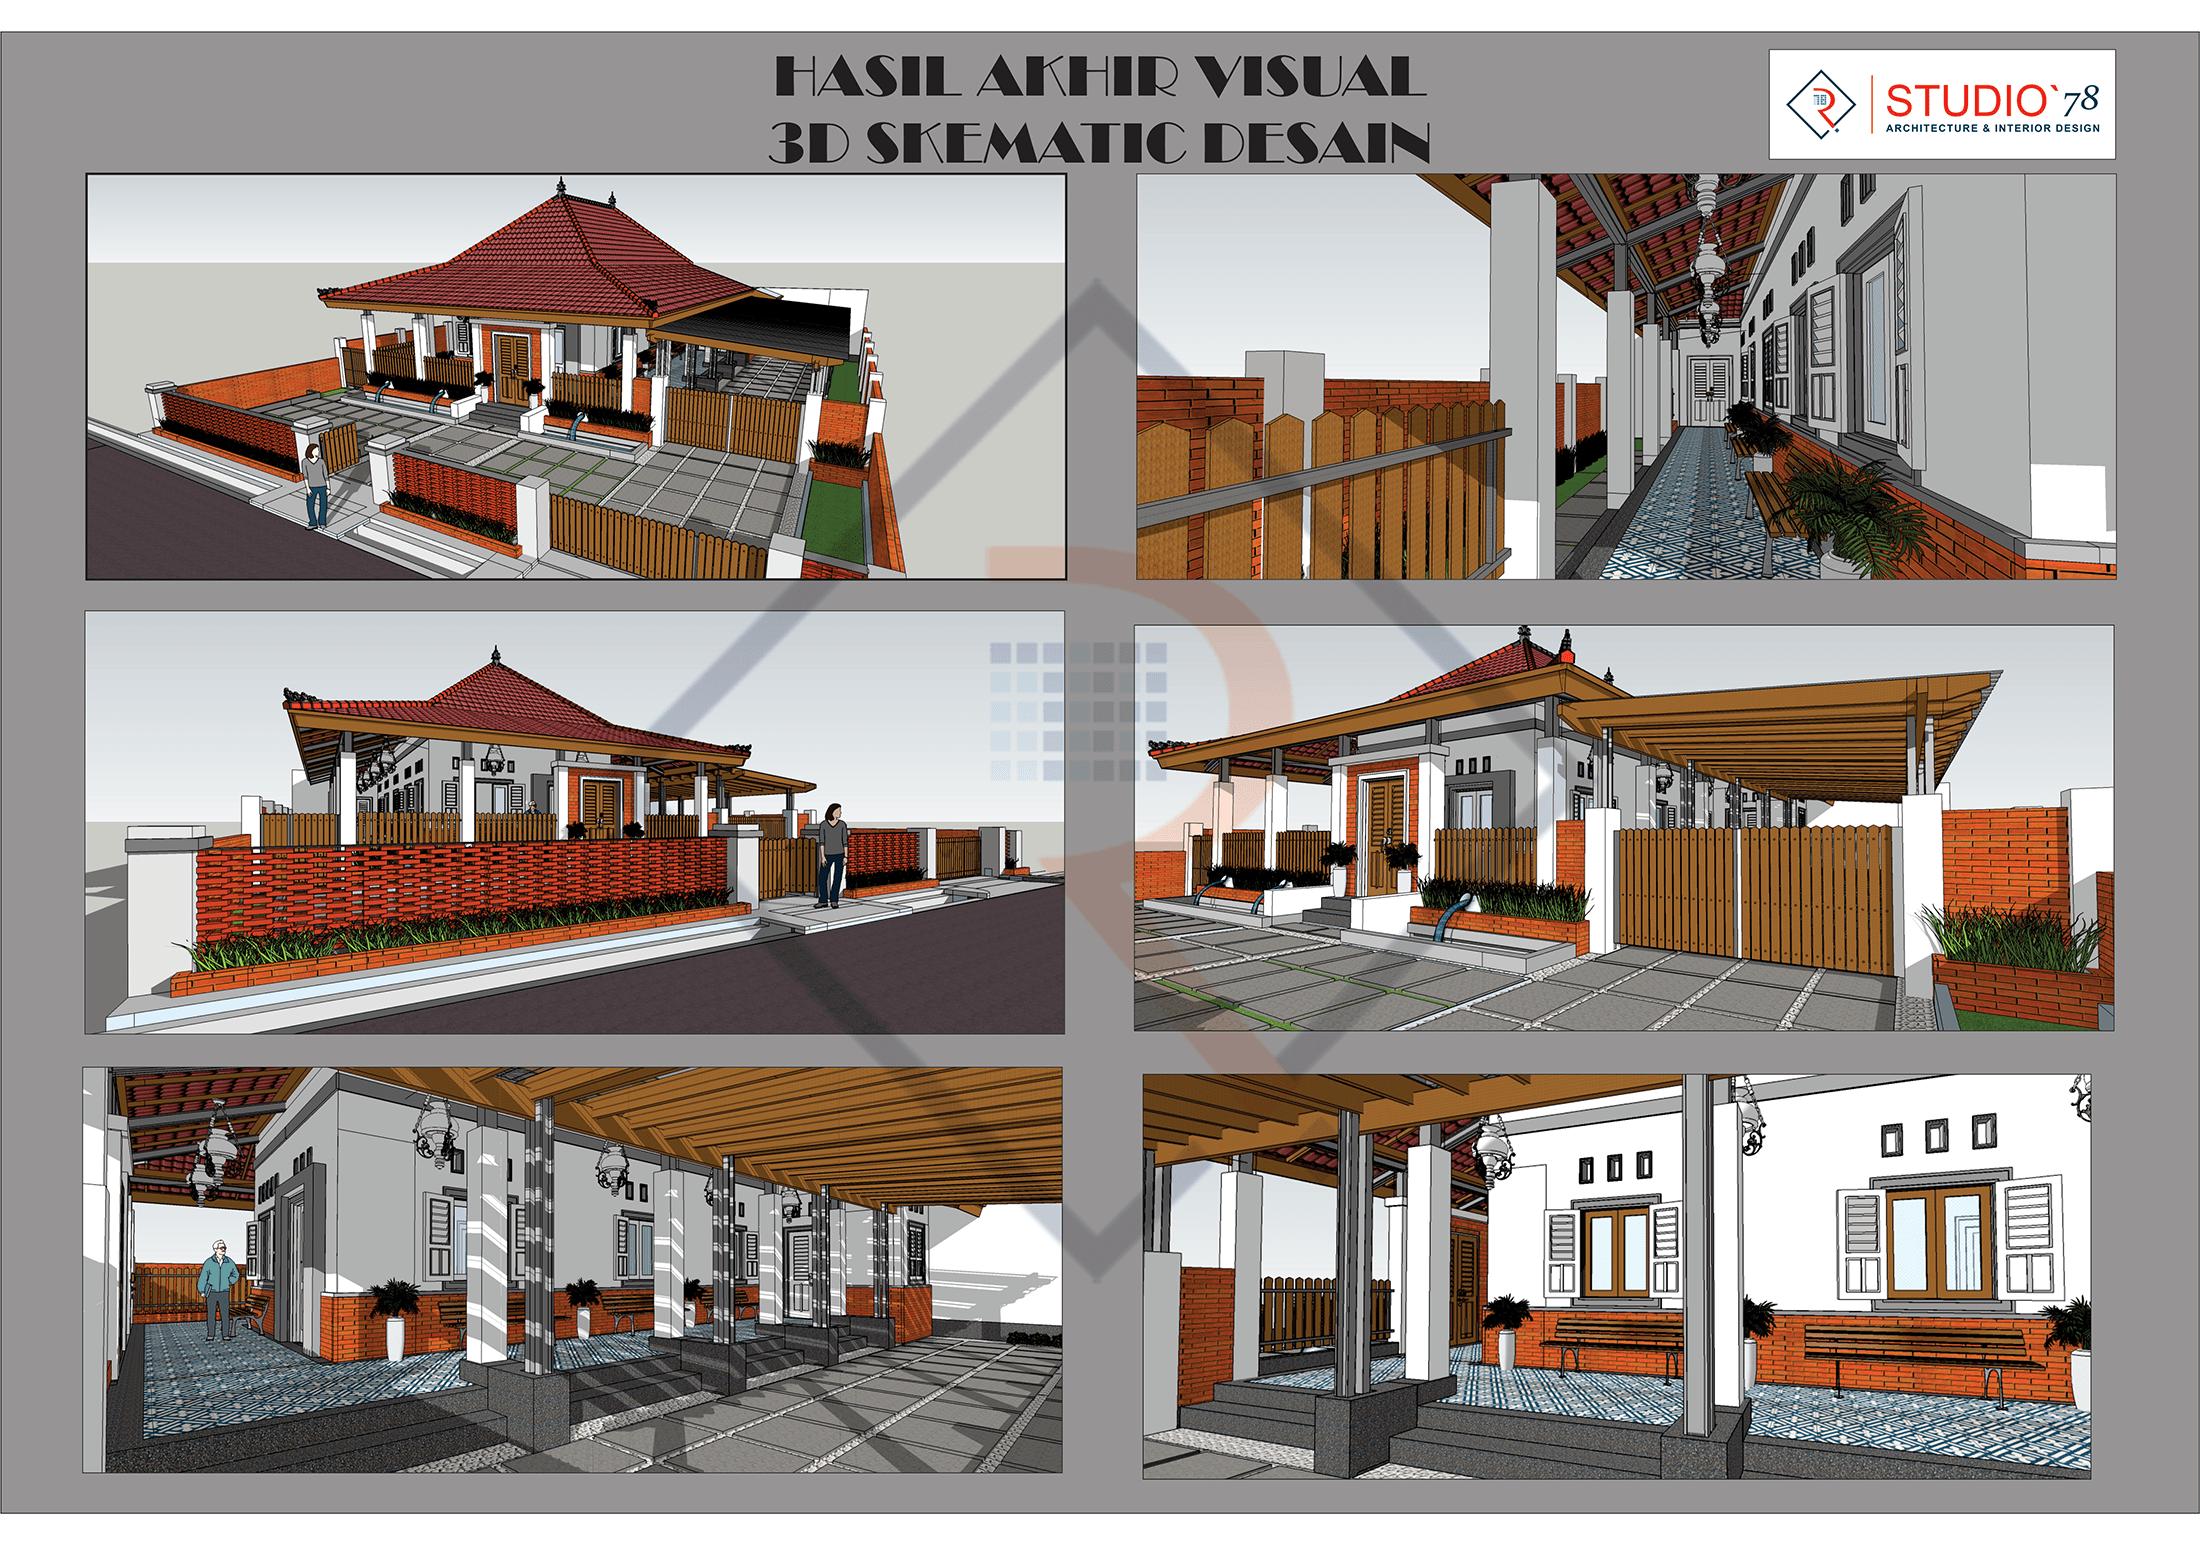 gambar 3d skematik desain arsitektur rumah etnik kontemporer di kepanjen jawa timur